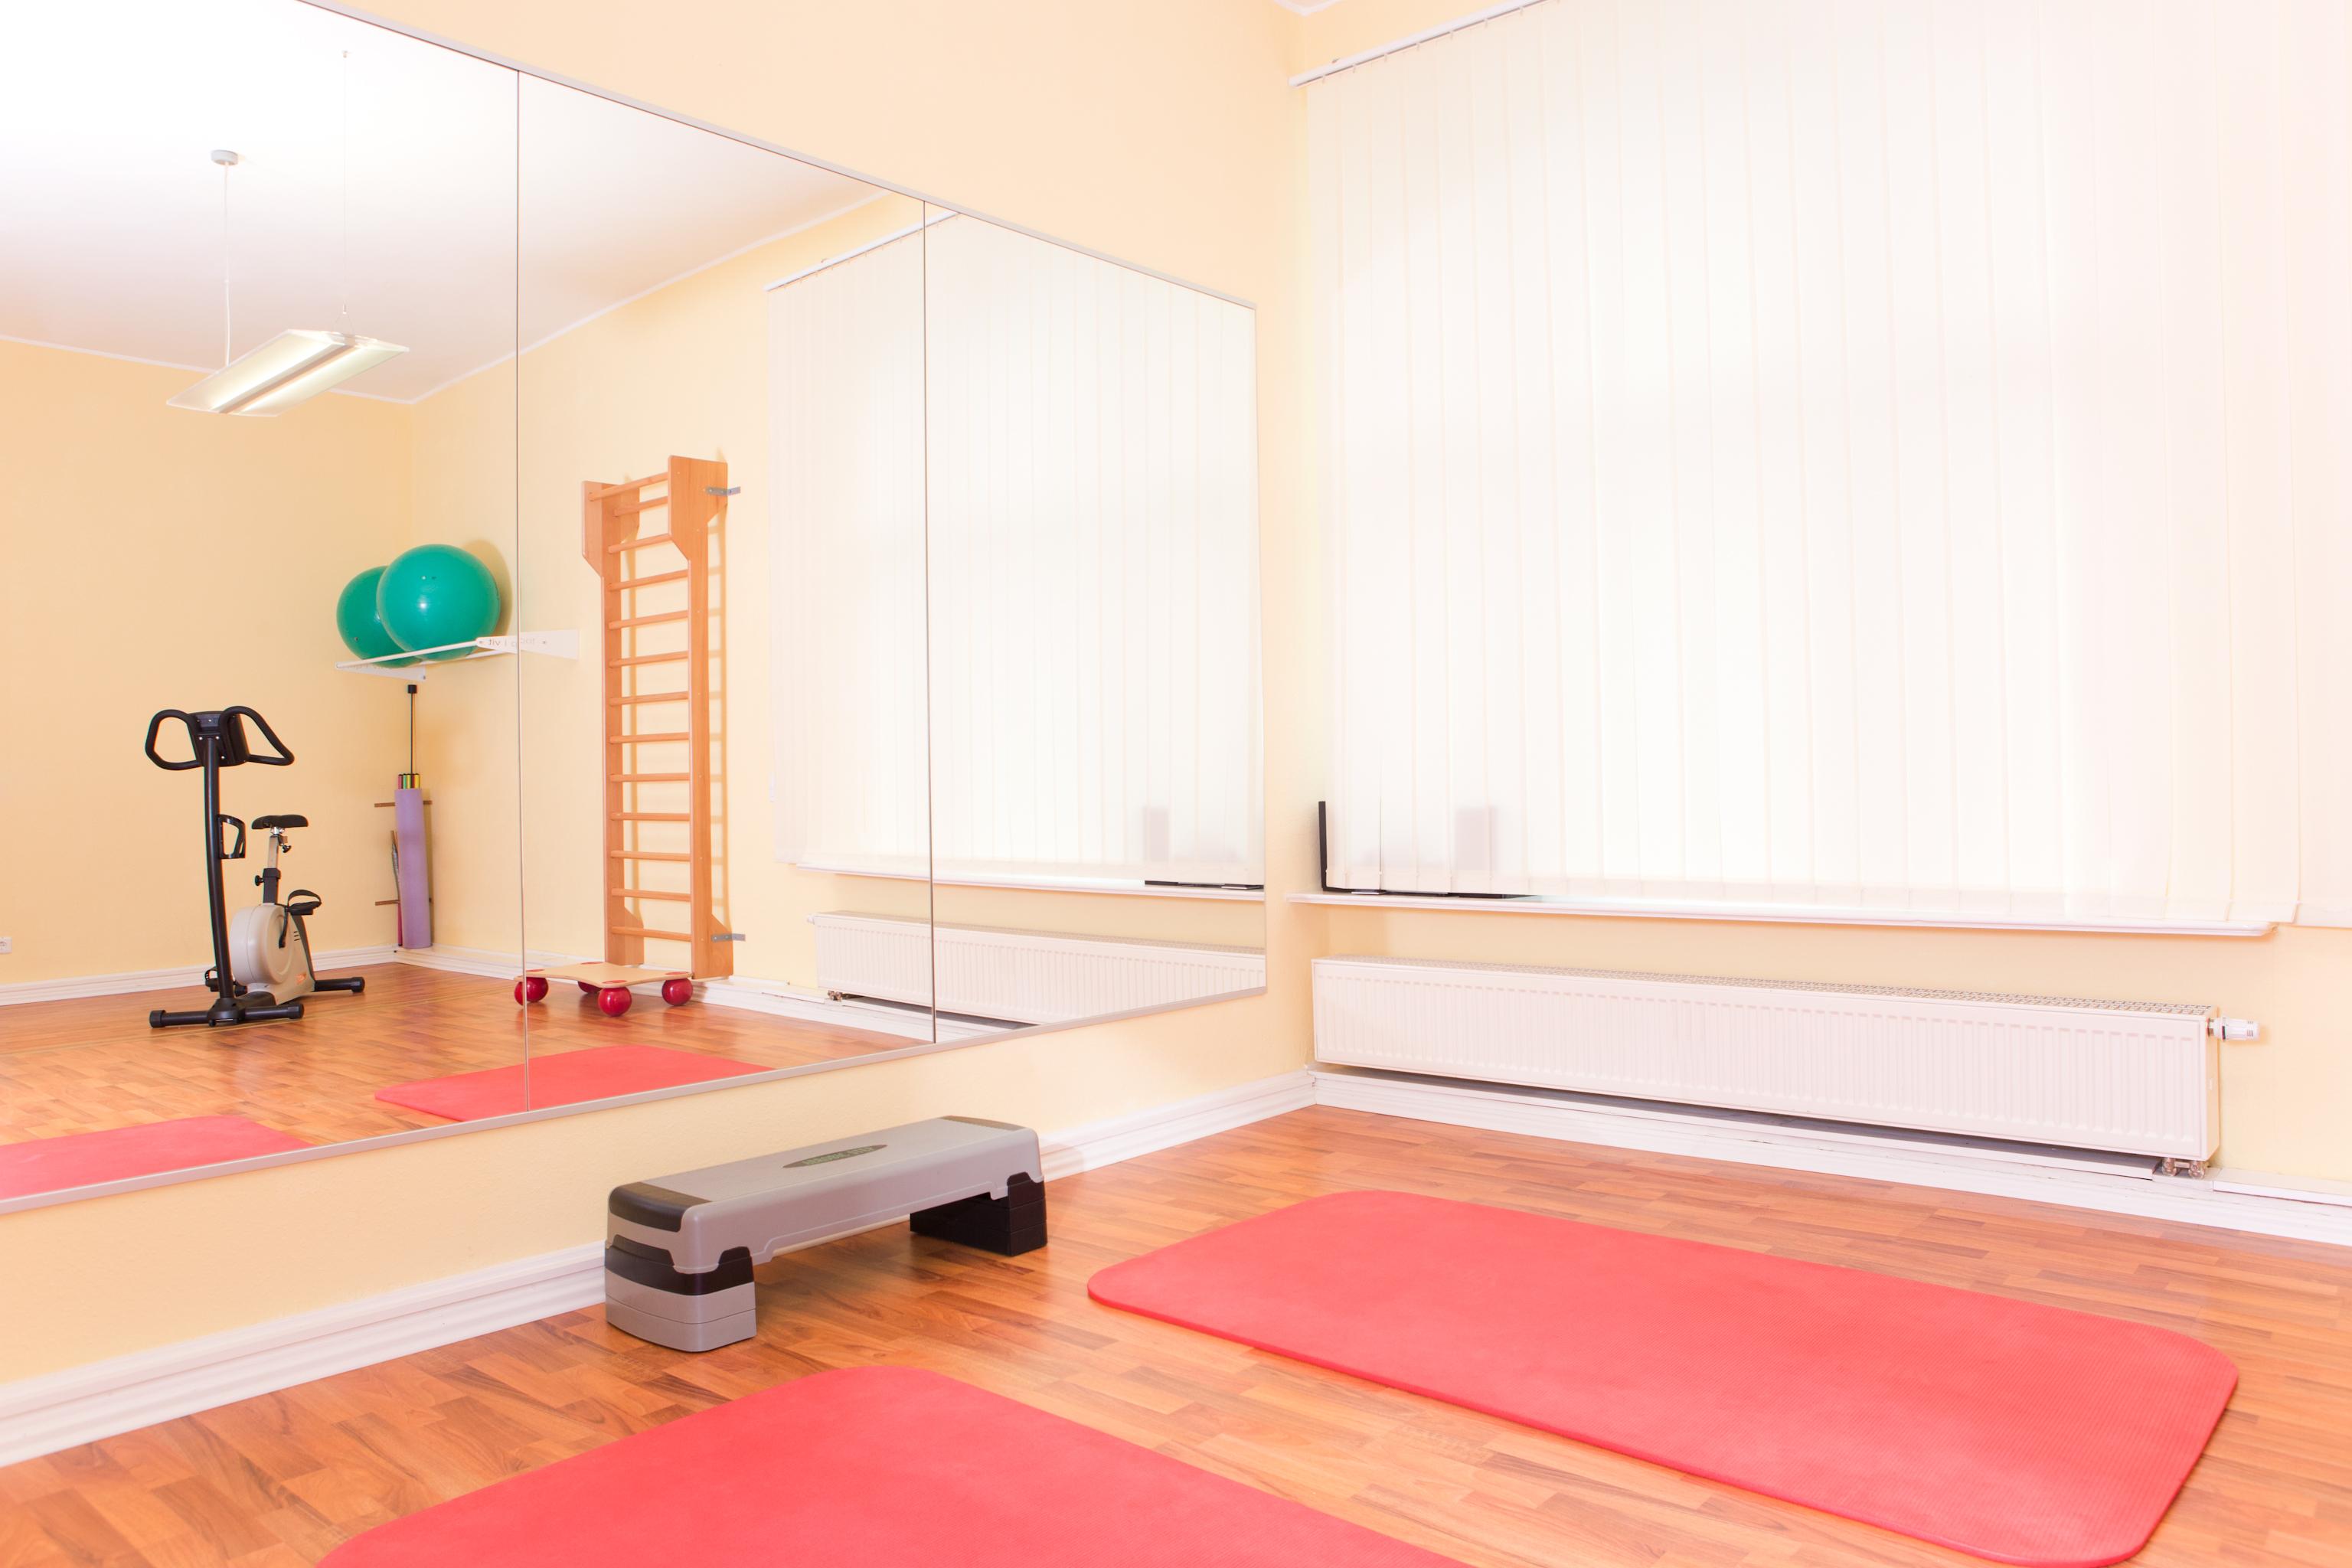 Die Praxisräume der Physiotherapie Praxis in Berlin Charlottenburg direkt am Kurfürstendamm